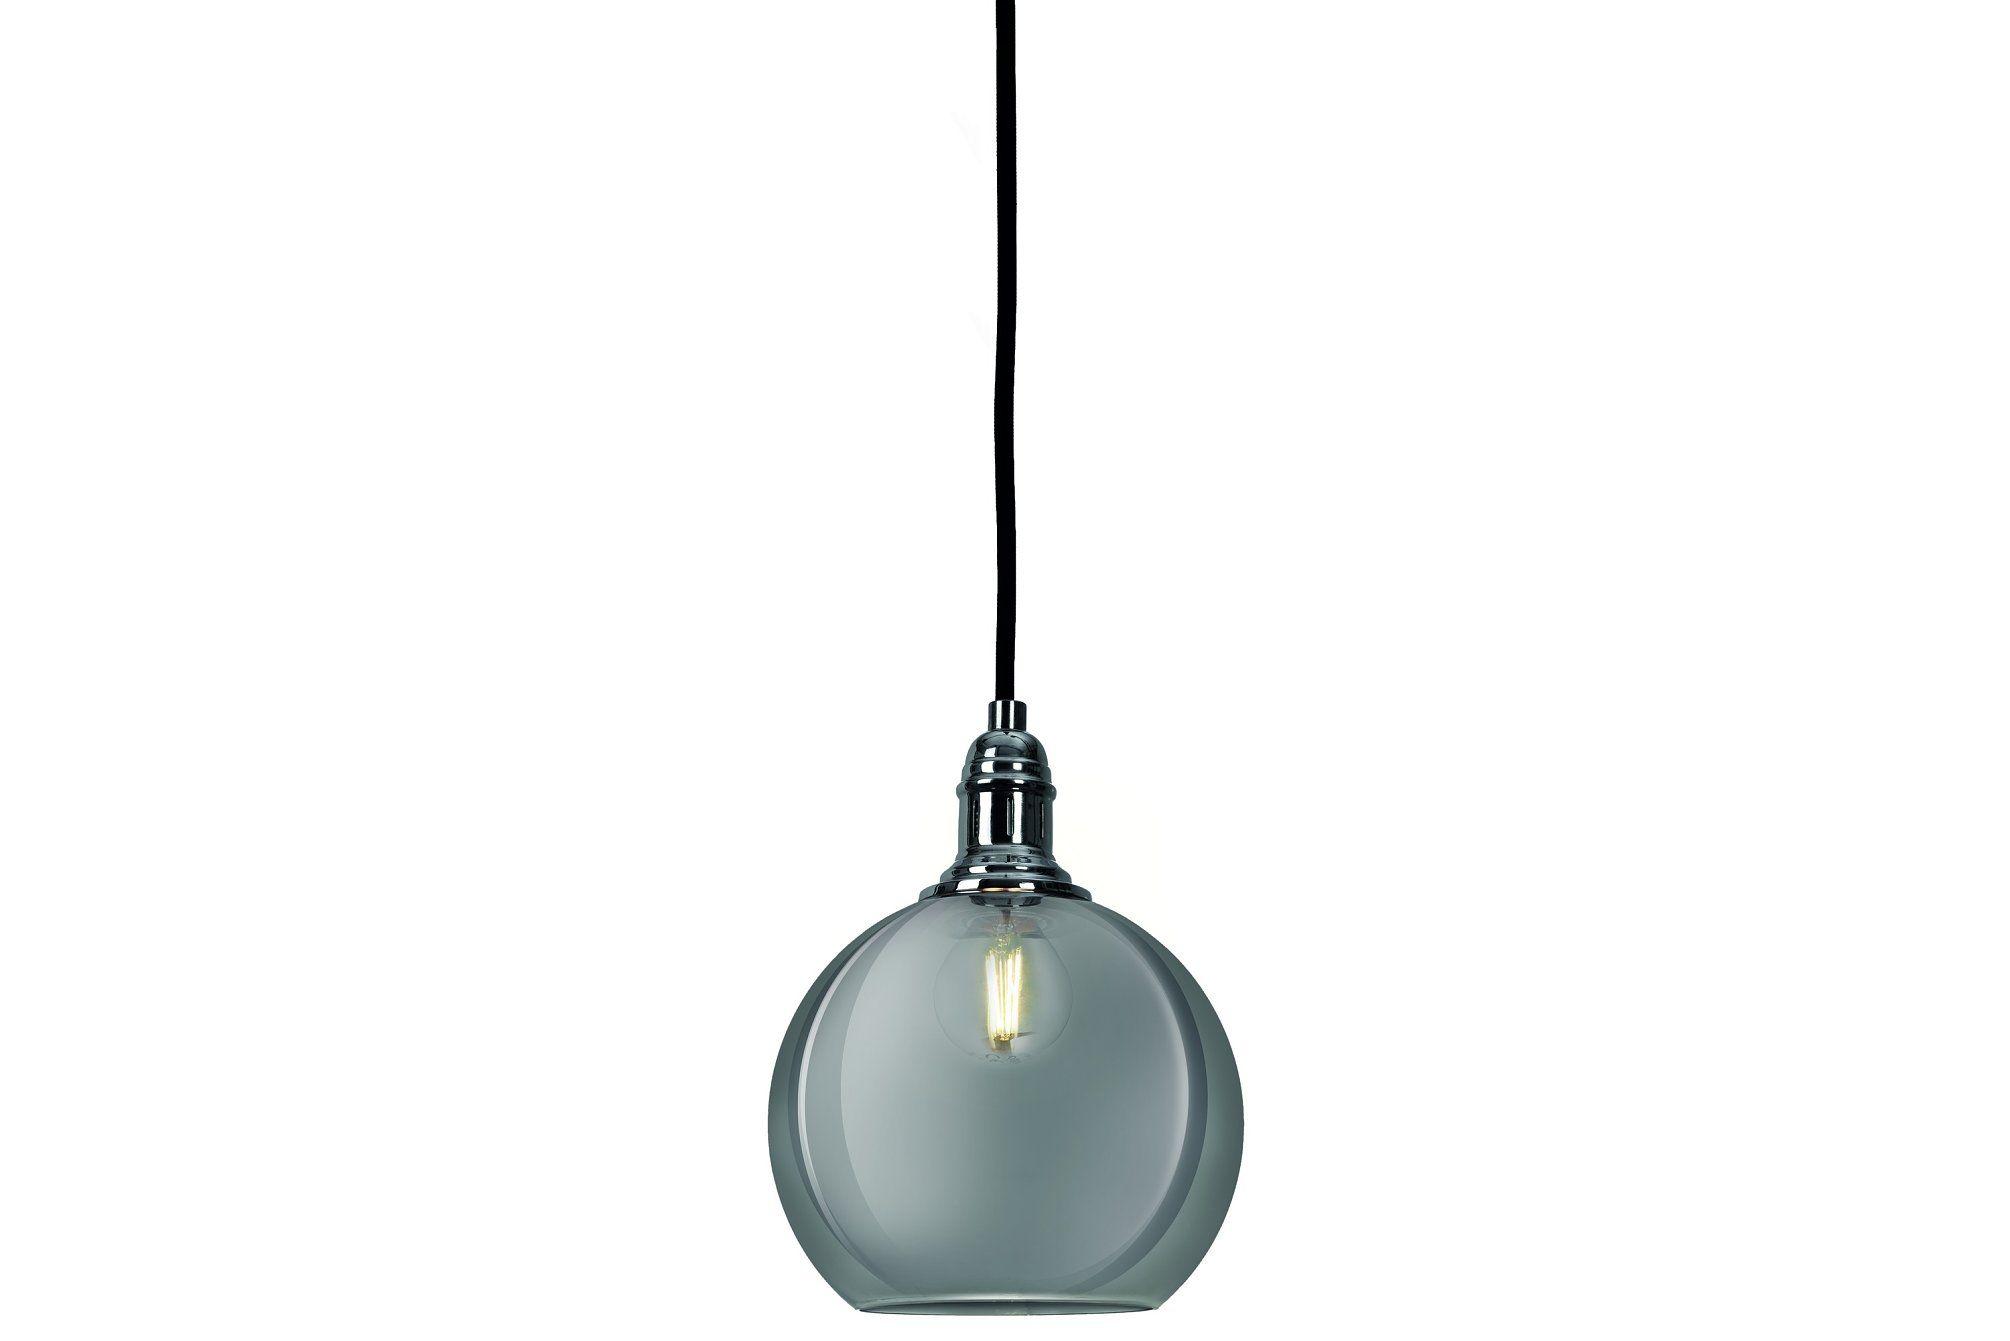 Køb Reese Pendel Lampe Spejlende glas på Trademax.dk